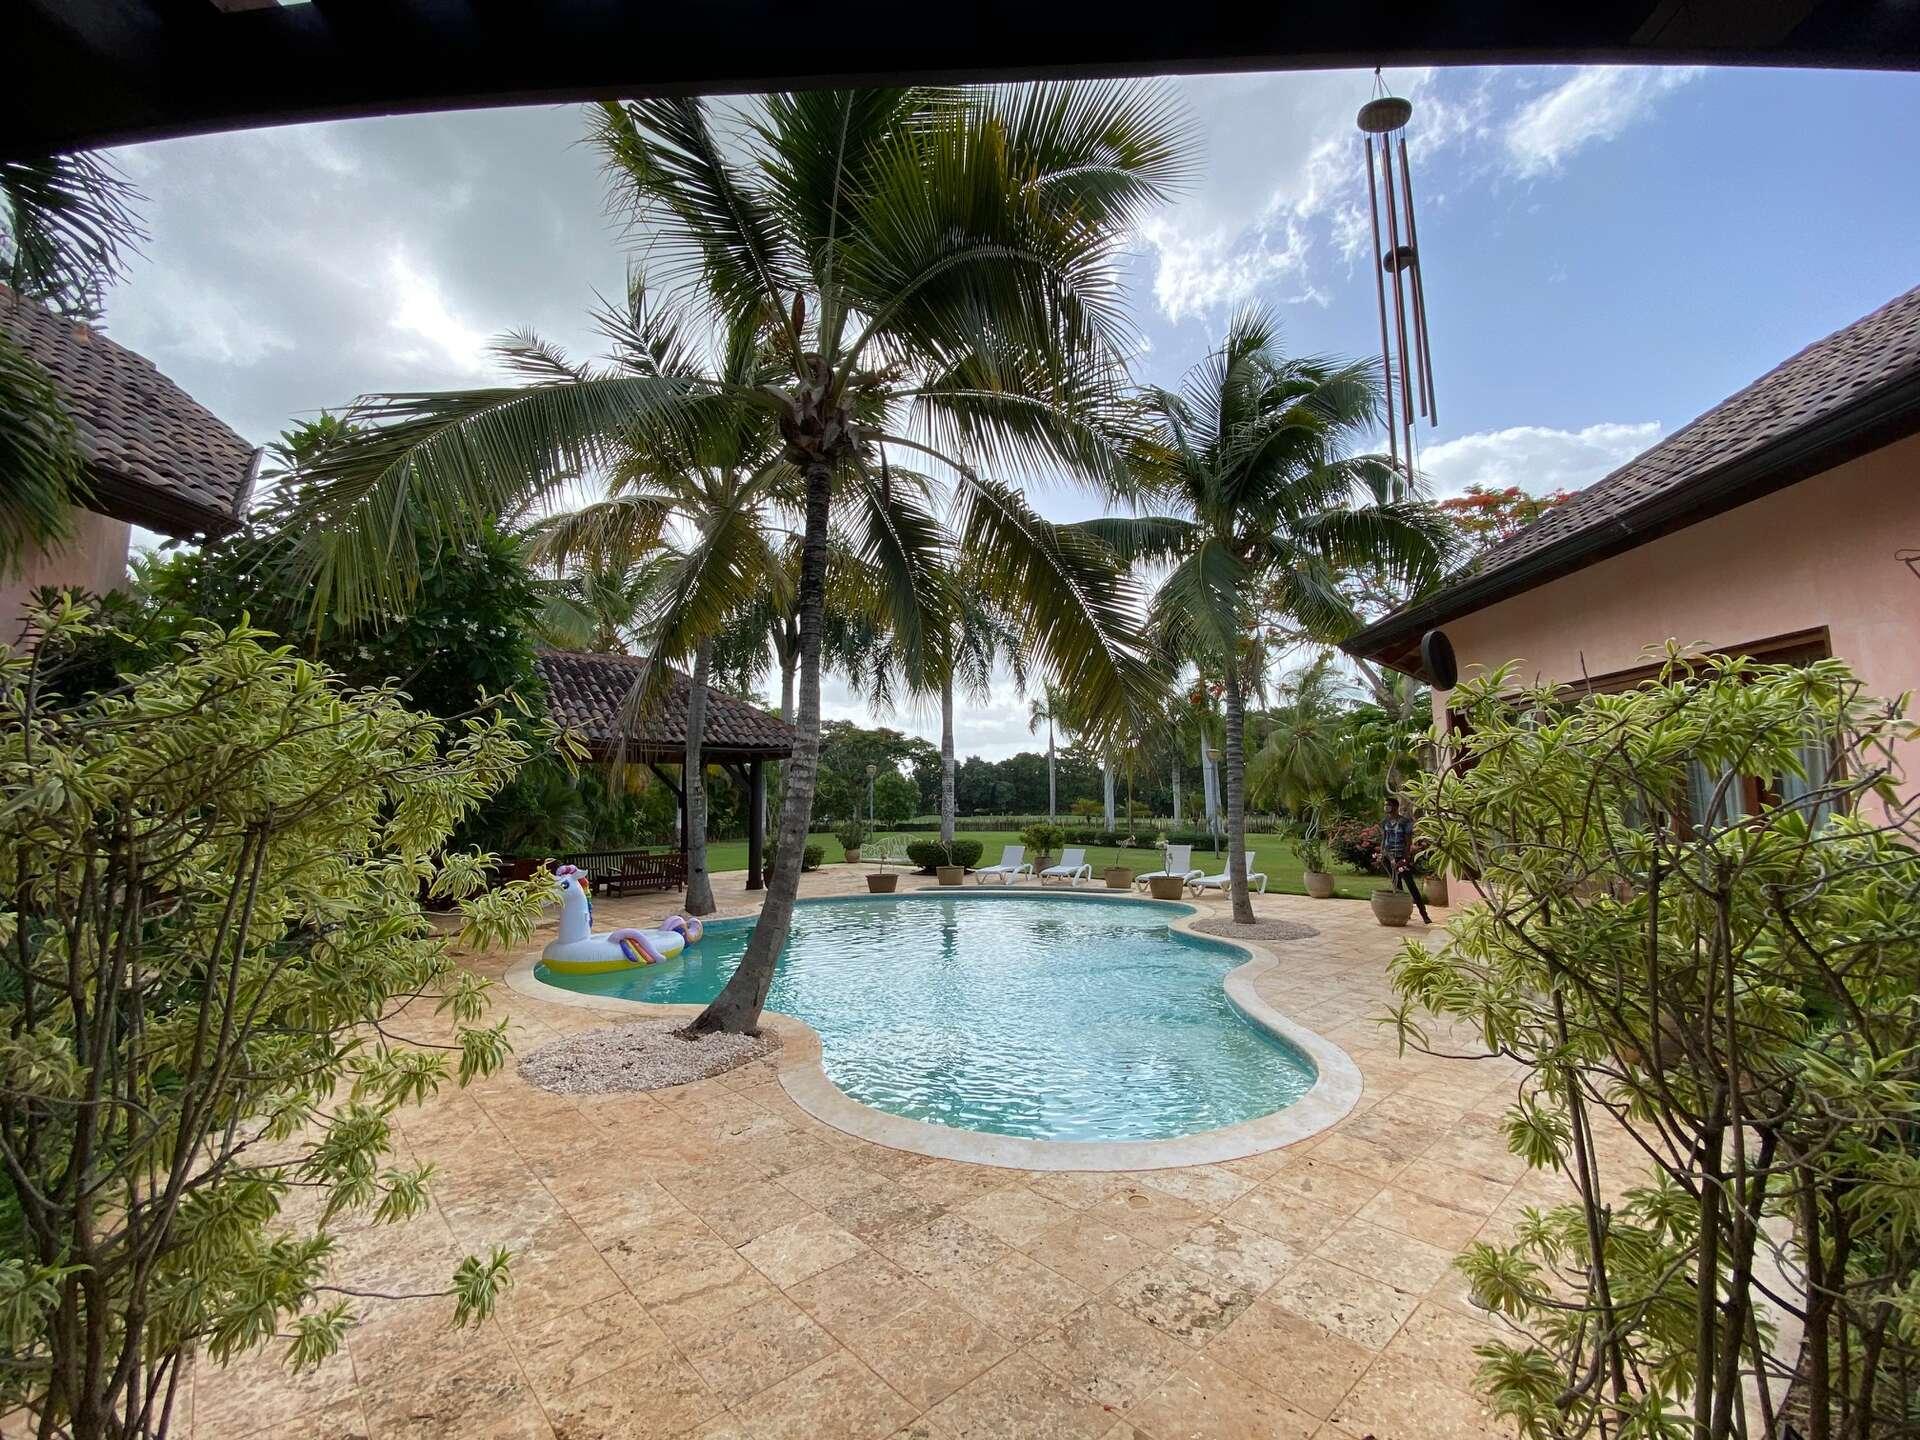 - The Hacienda - Image 1/16